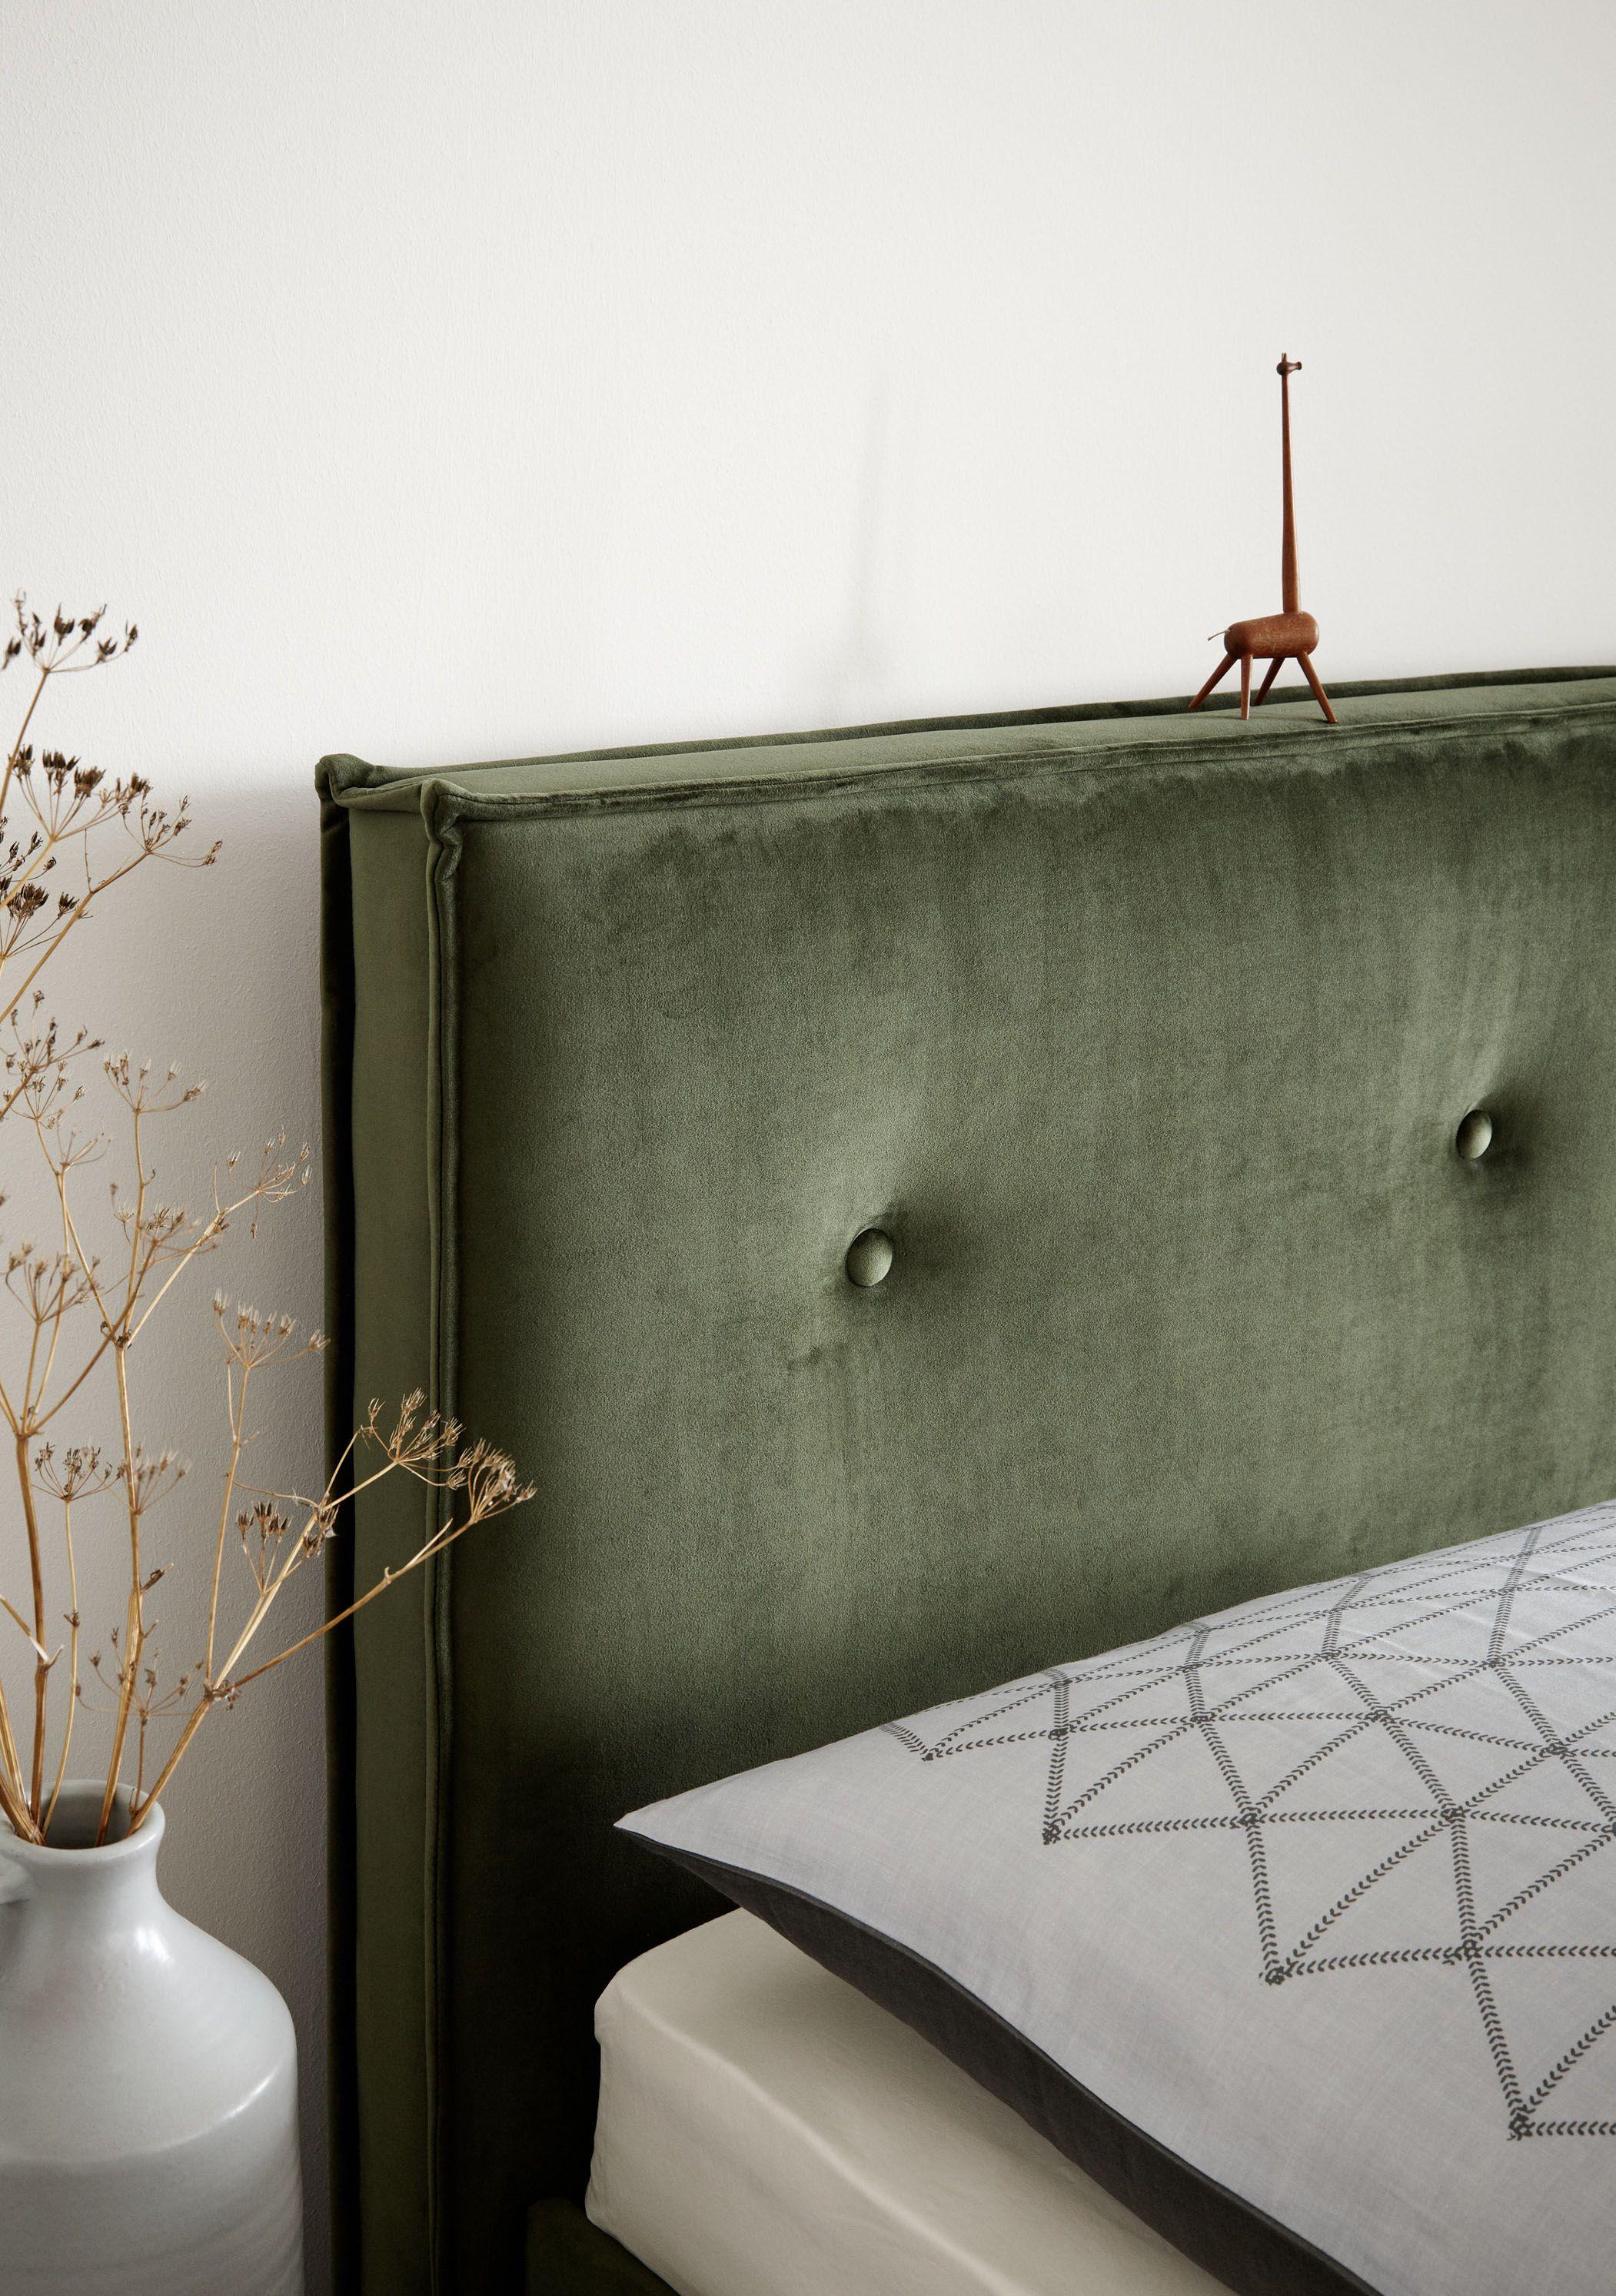 Diese Variante Kombiniert Die Stattliche Optik Eines Boxspringbetts Mit Einem Schlafsystem Aus Lattenrost Und Matratze Betthaupt Und Ra In 2020 Polster Schoner Wohnen